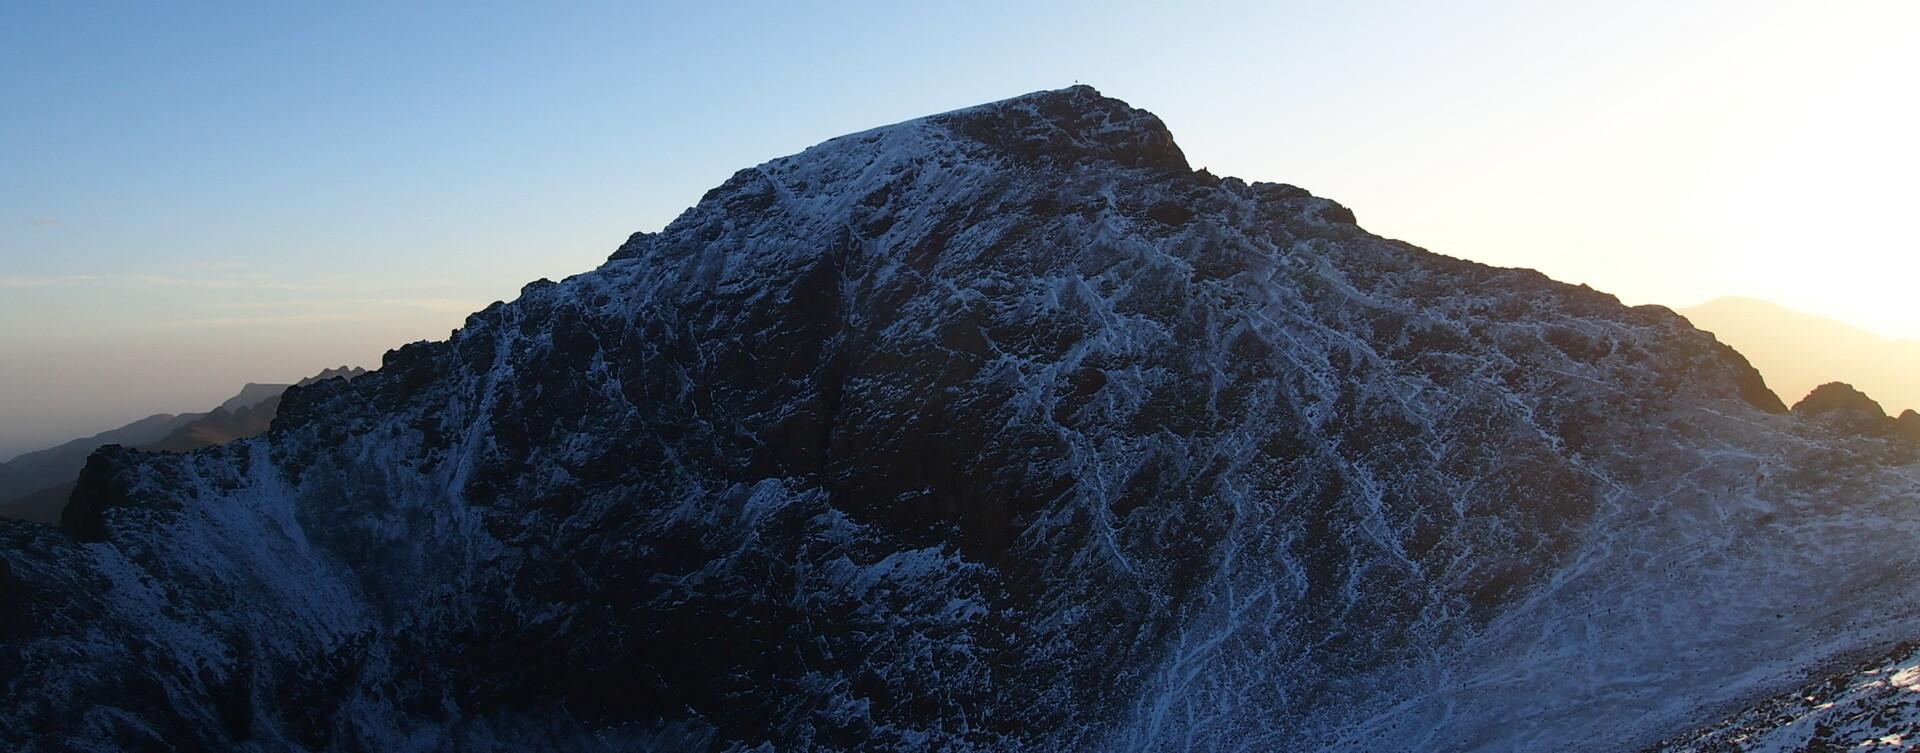 Guide d'alpinisme pour Toubkal